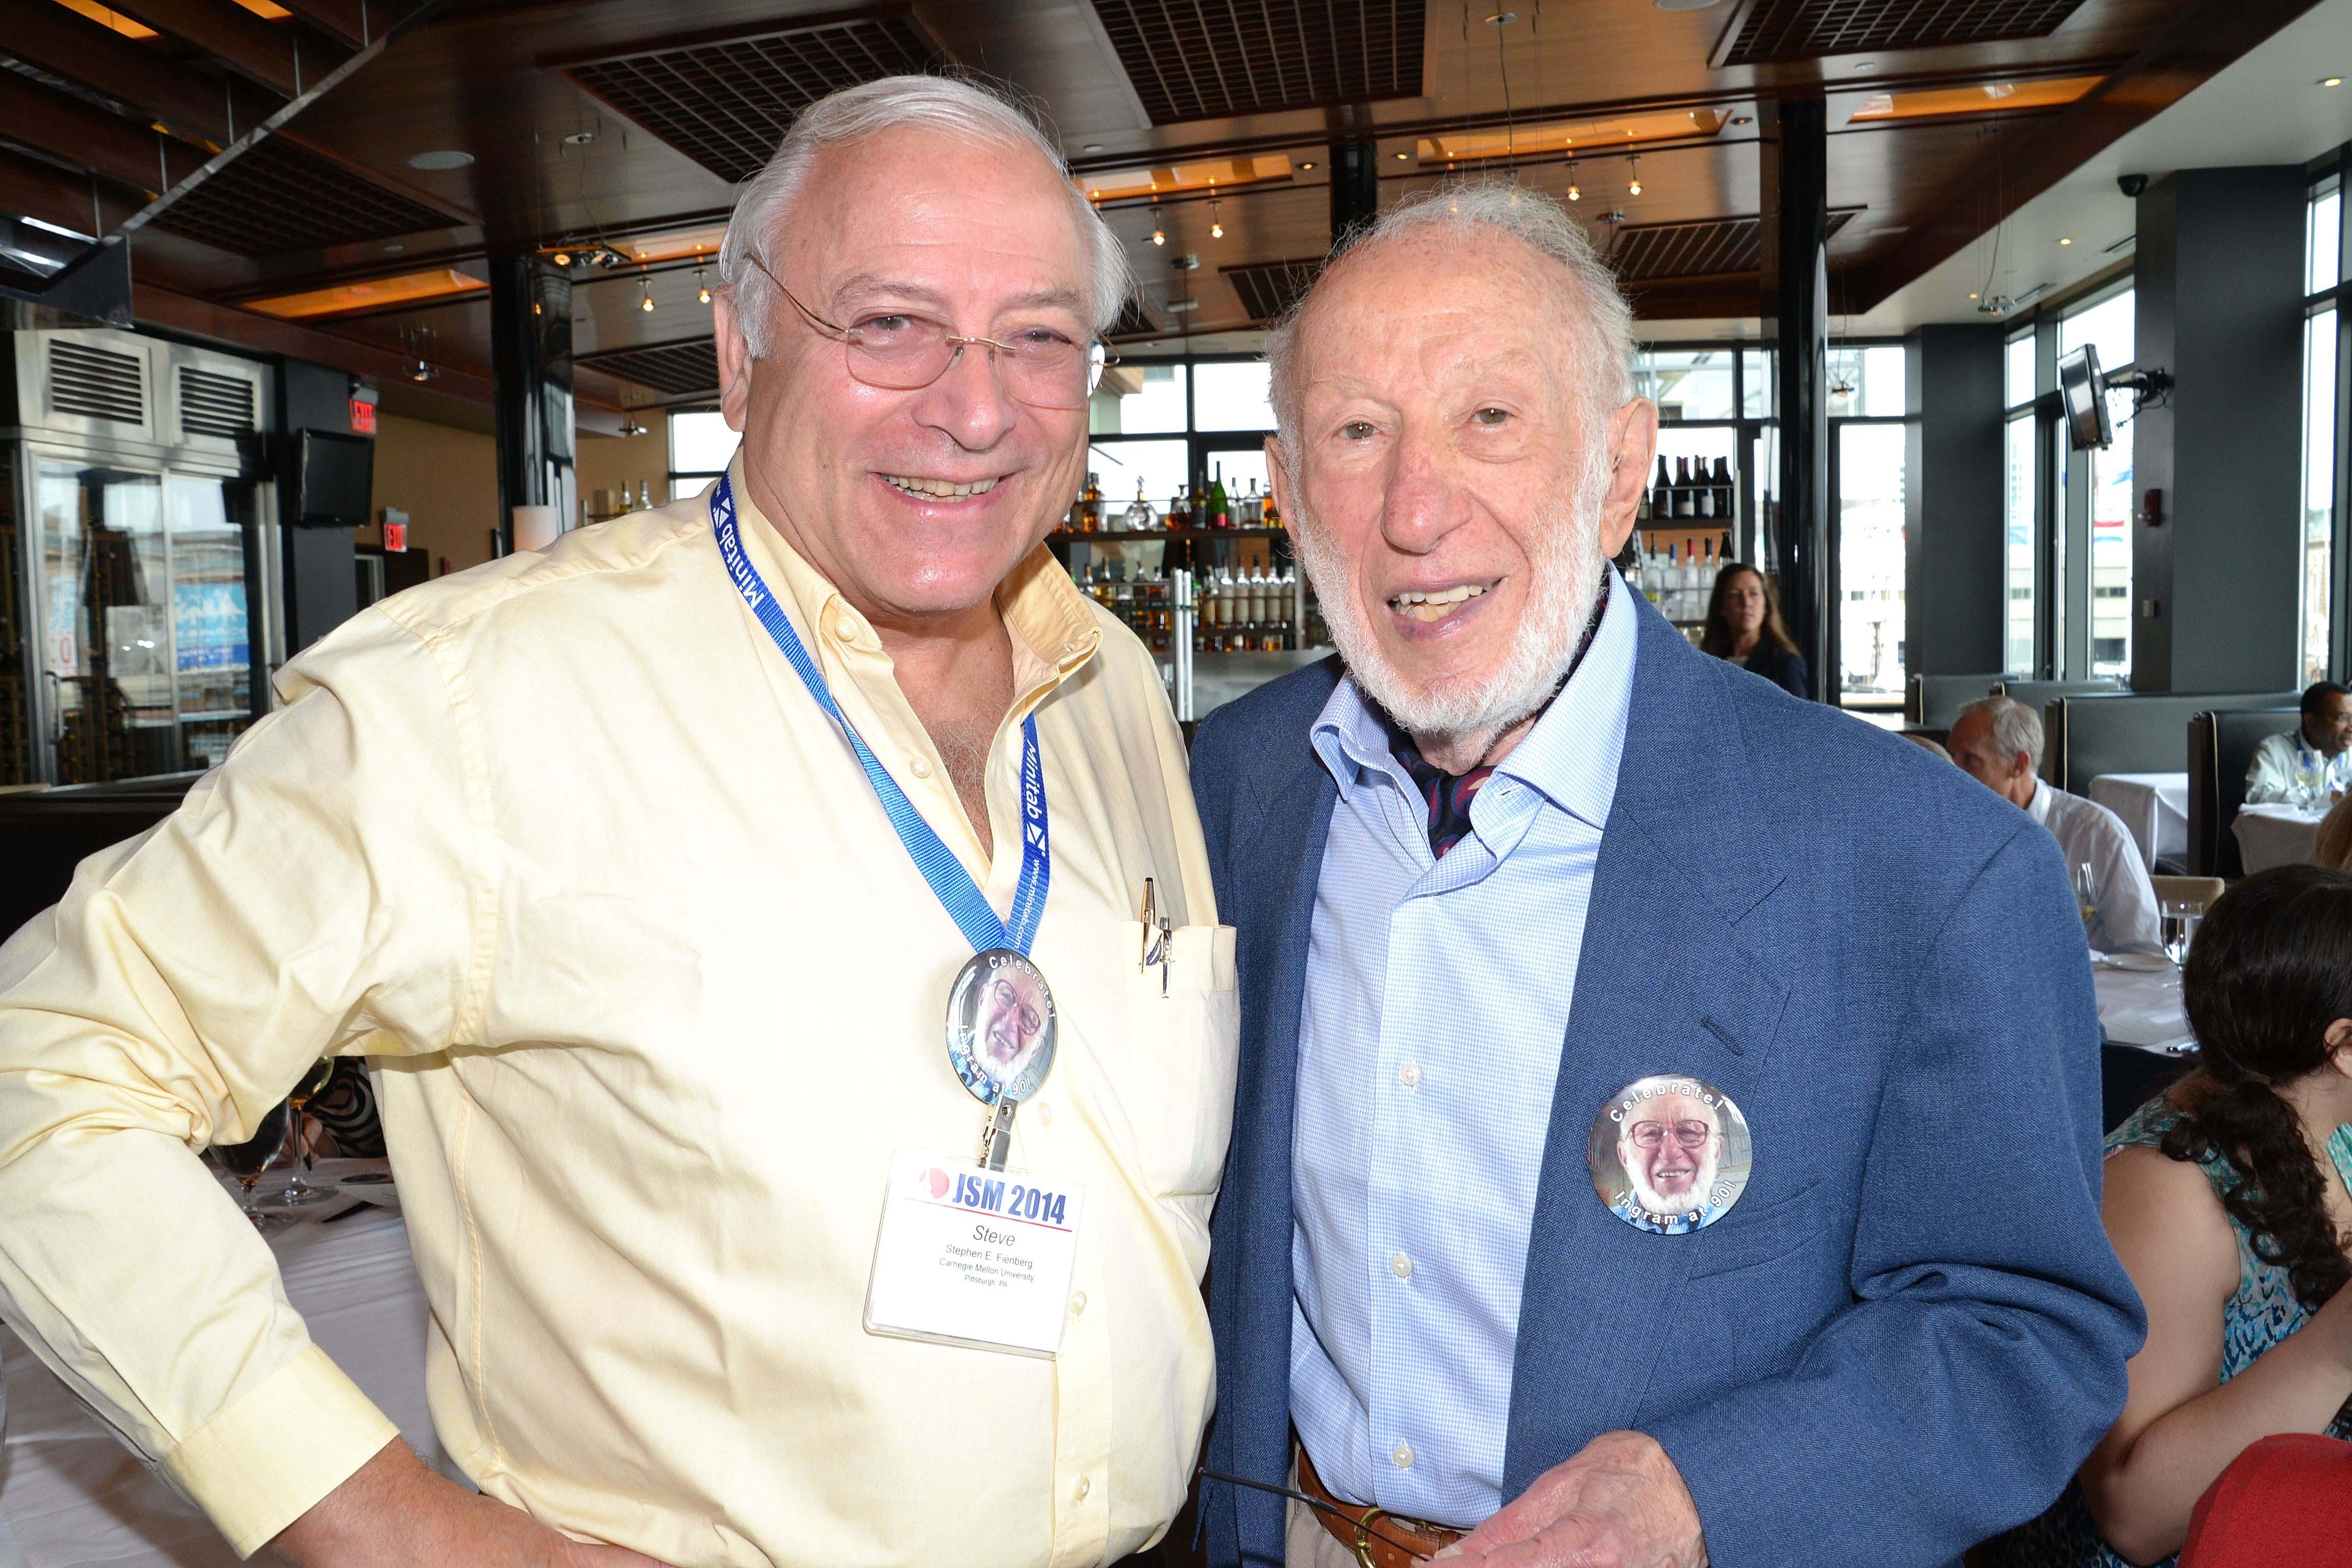 From left: Steve Fienberg and Ingram Olkin celebrate Olkin's 90th birthday